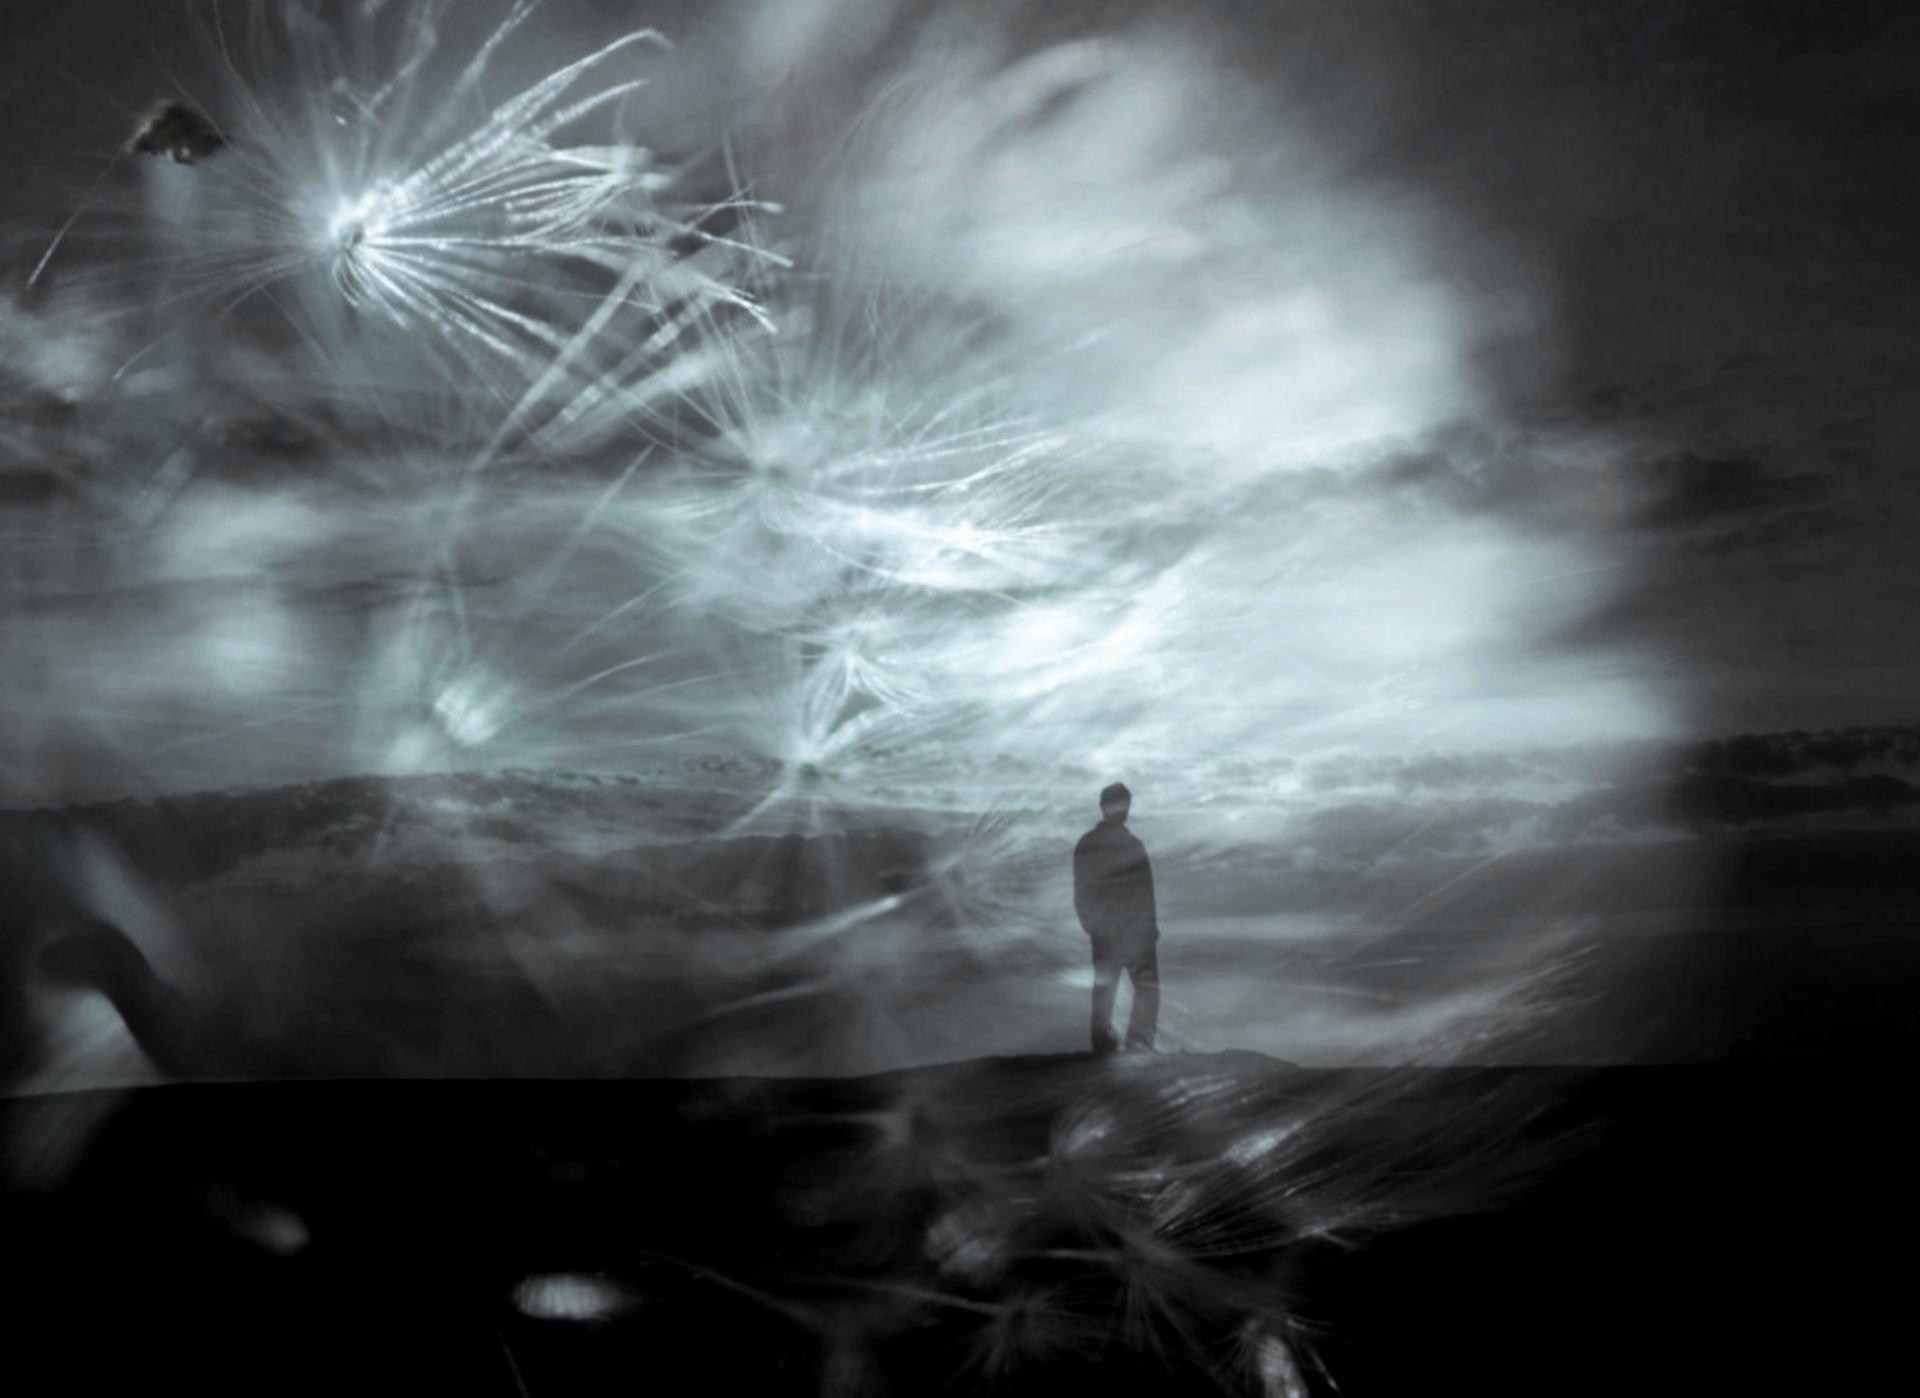 L'autre dimension - un monde plus doux